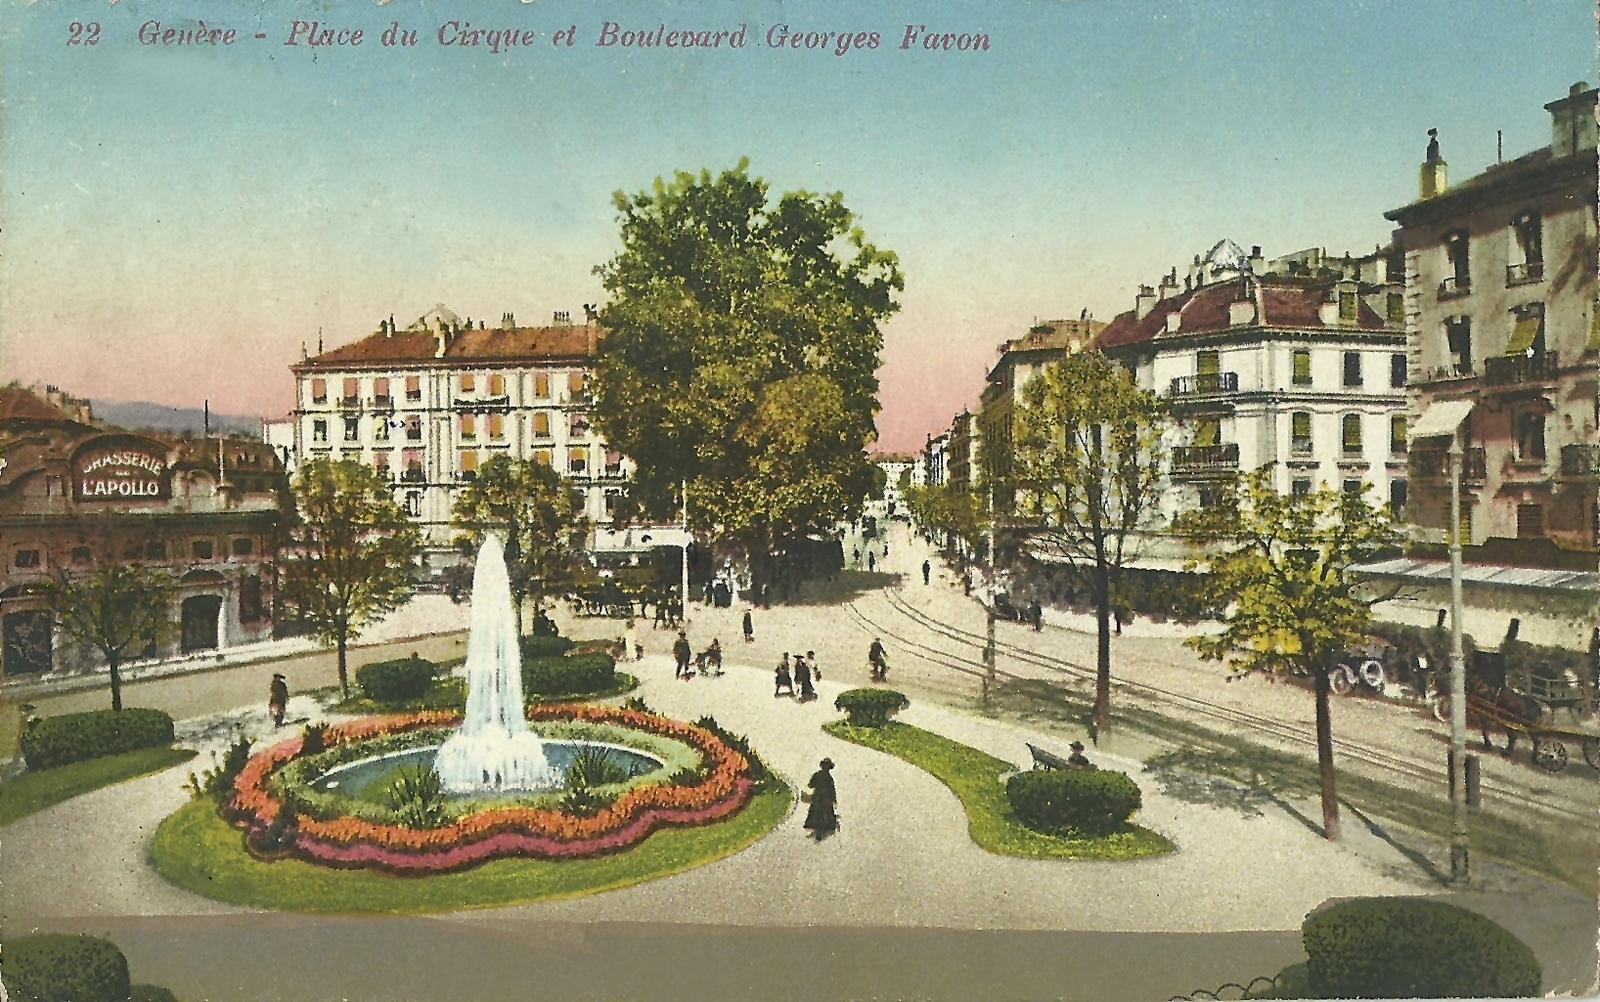 Genève - Place du Cirque et Boulevard Georges Favon